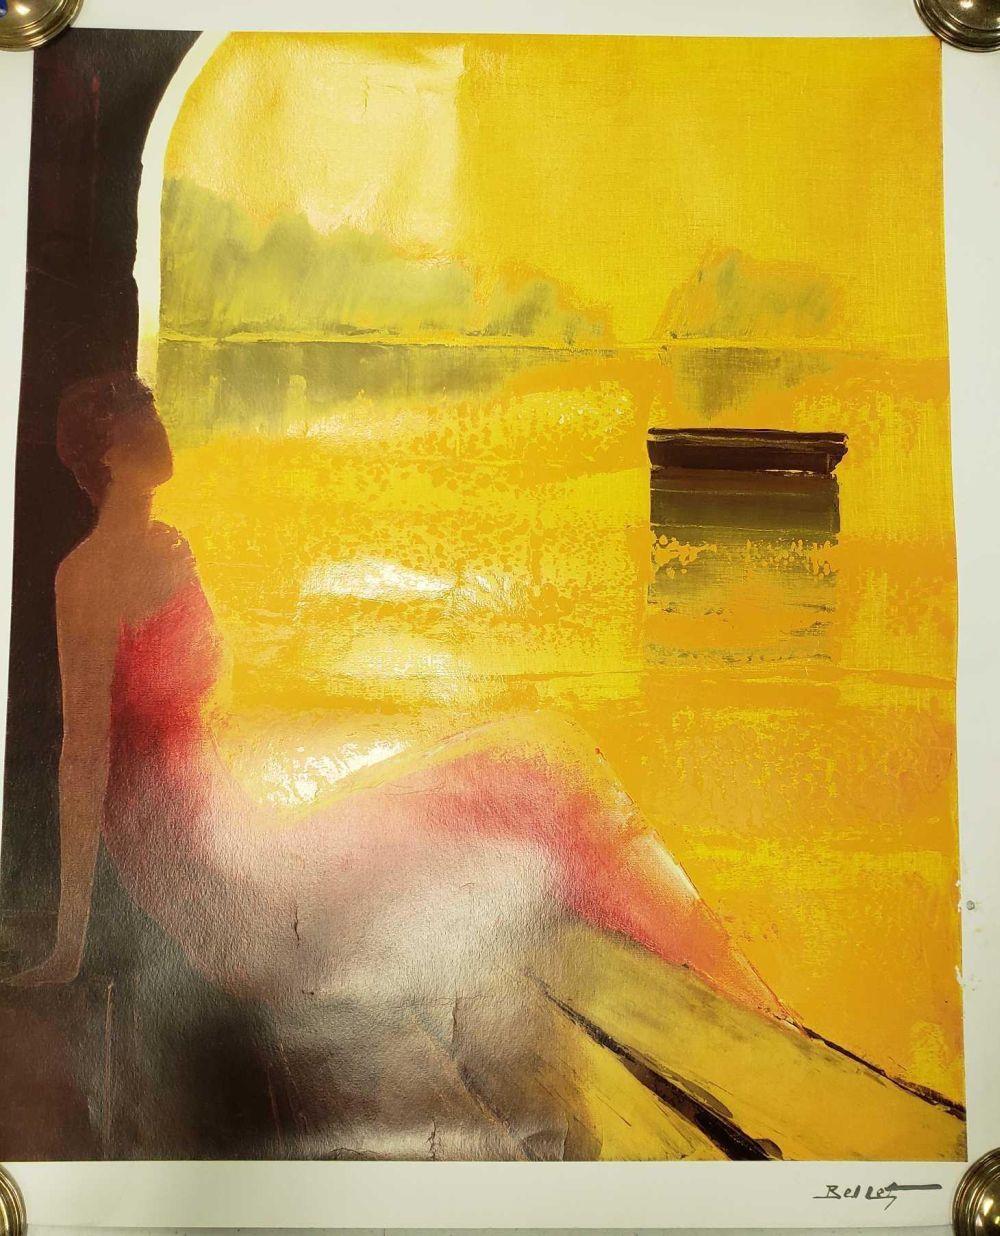 Lot 993: D'or et de Reve by Emile Bellet Poster